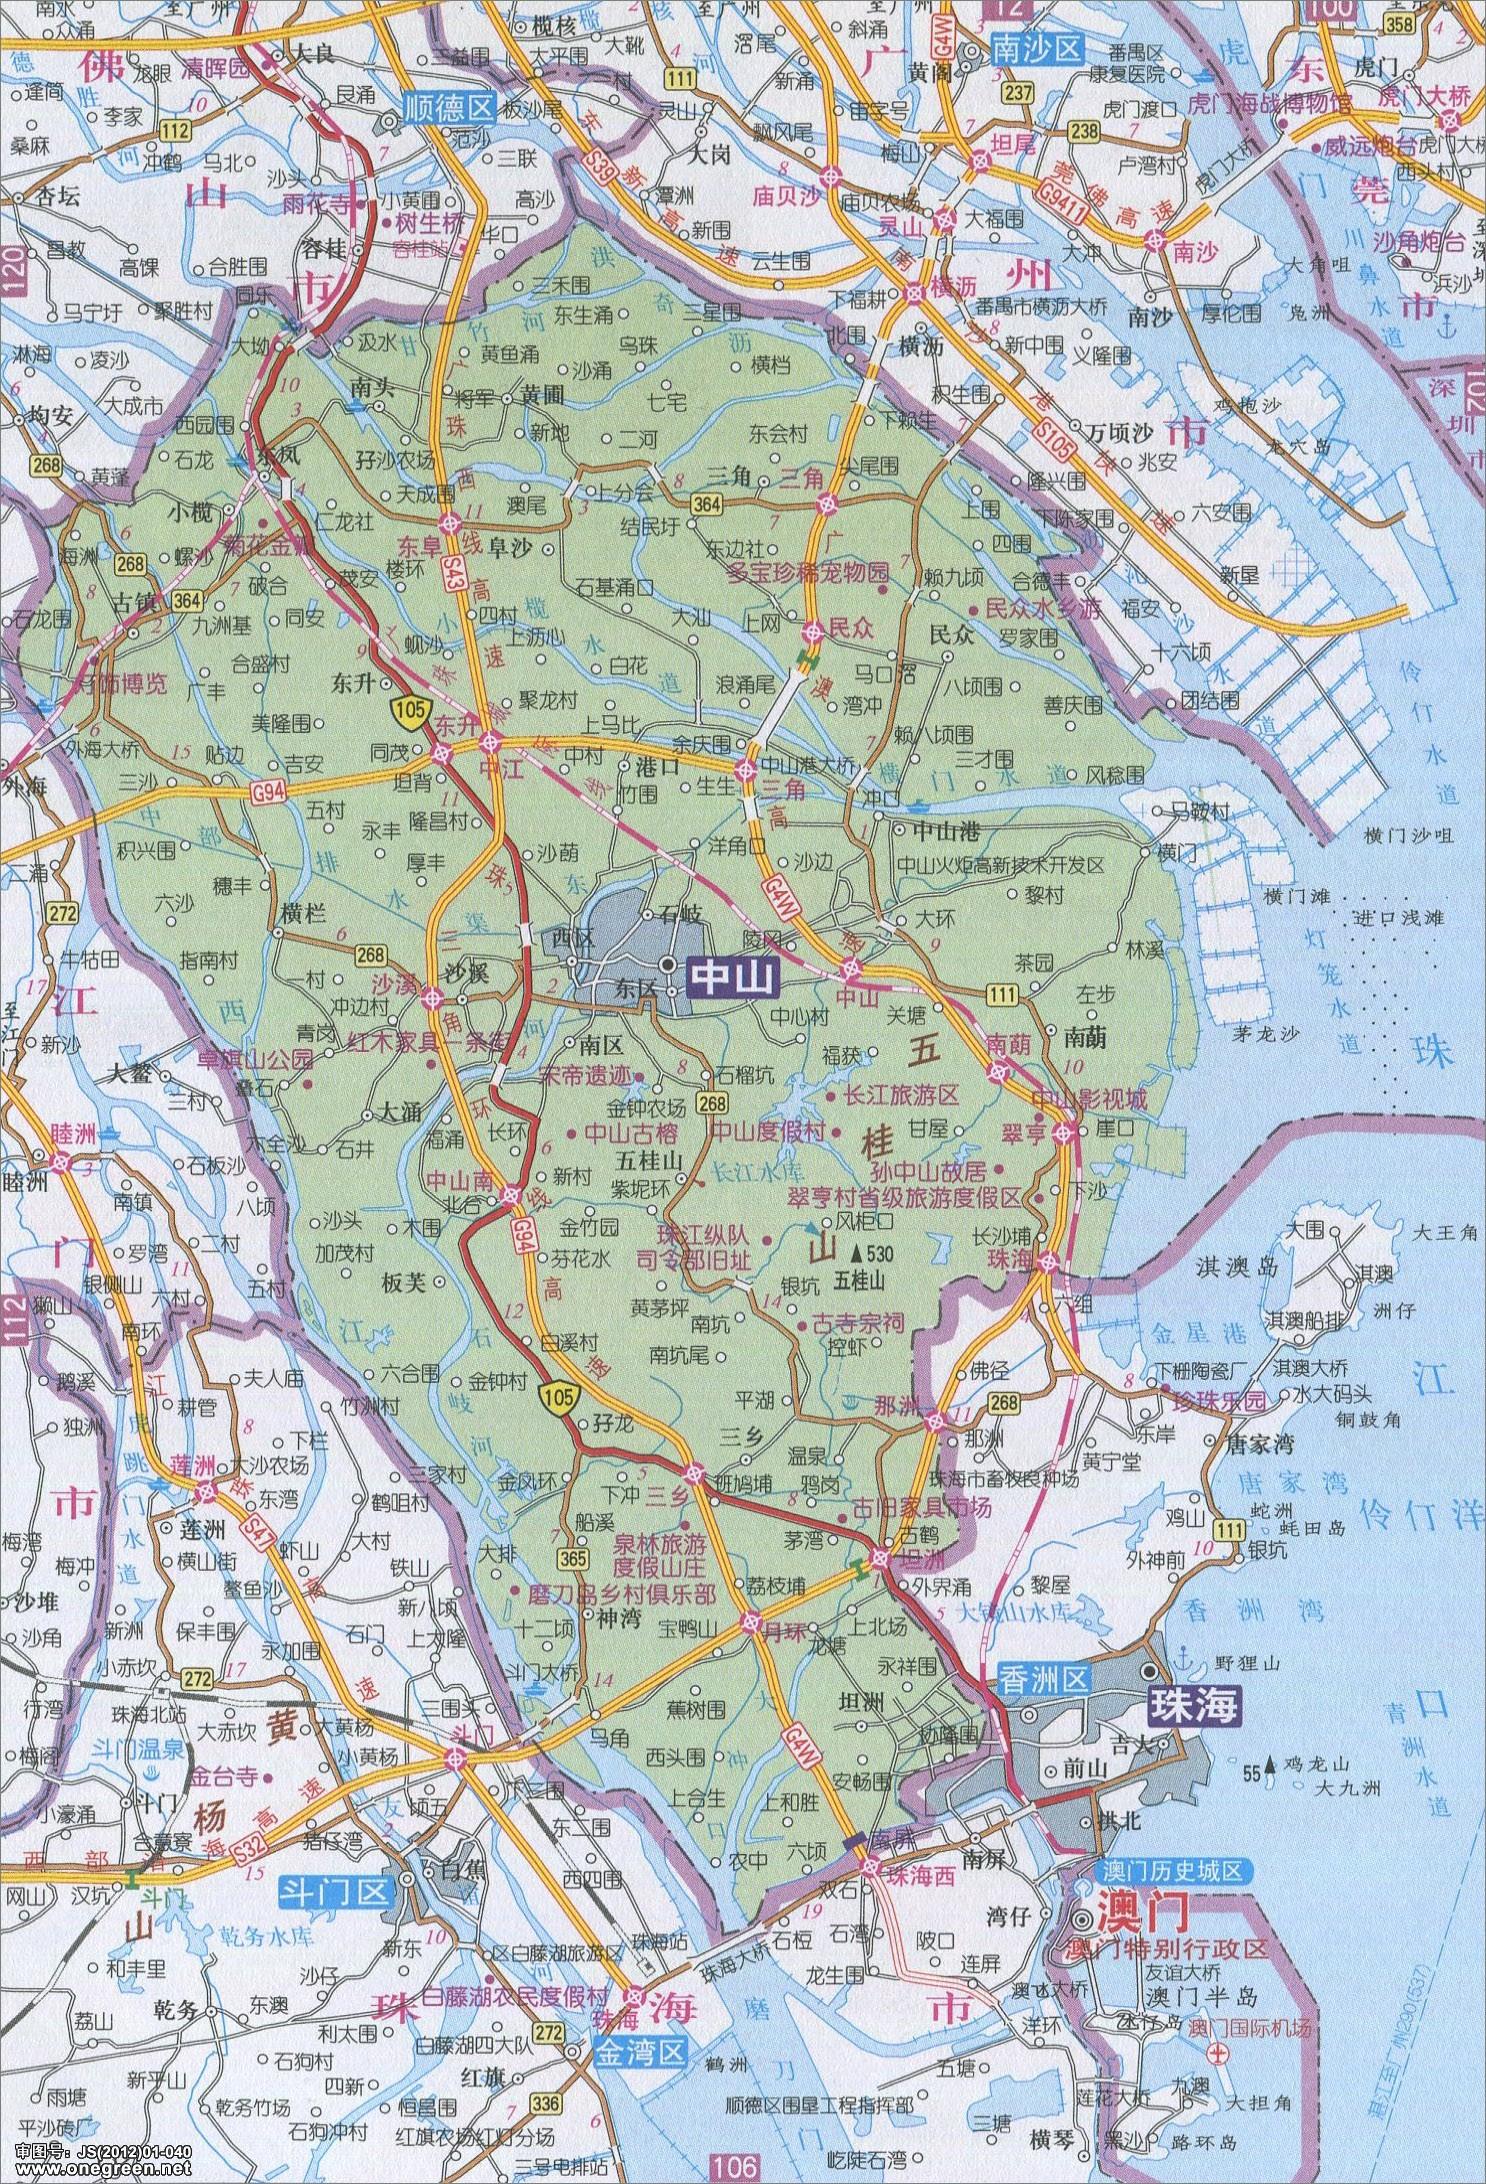 中山市地图高清版 中山地图库 地图窝图片